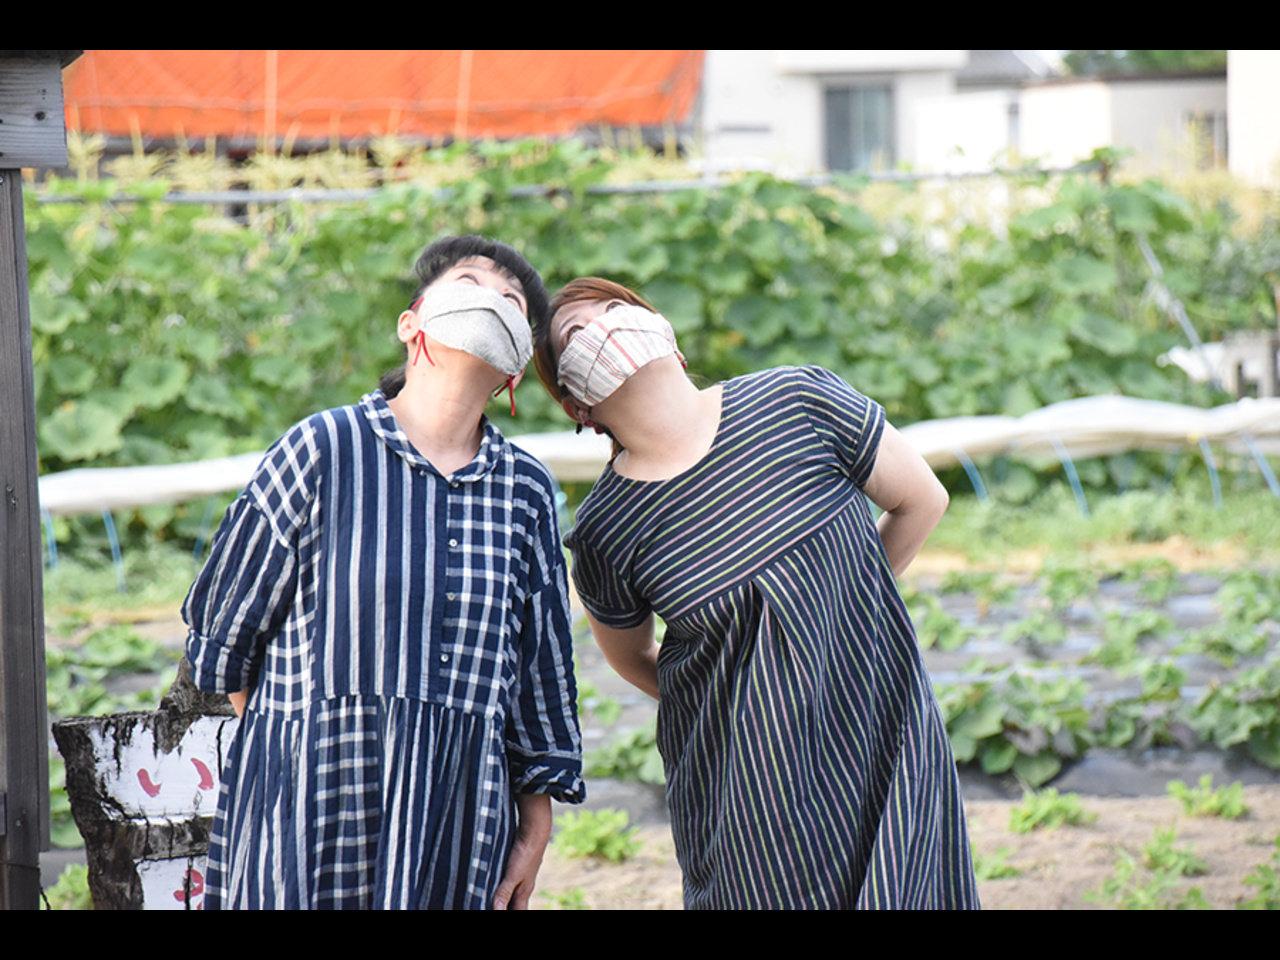 1枚1300円〜。飛沫防止効果と自然な鼻呼吸を追求したマスク「息できマスク」追加販売決定です。